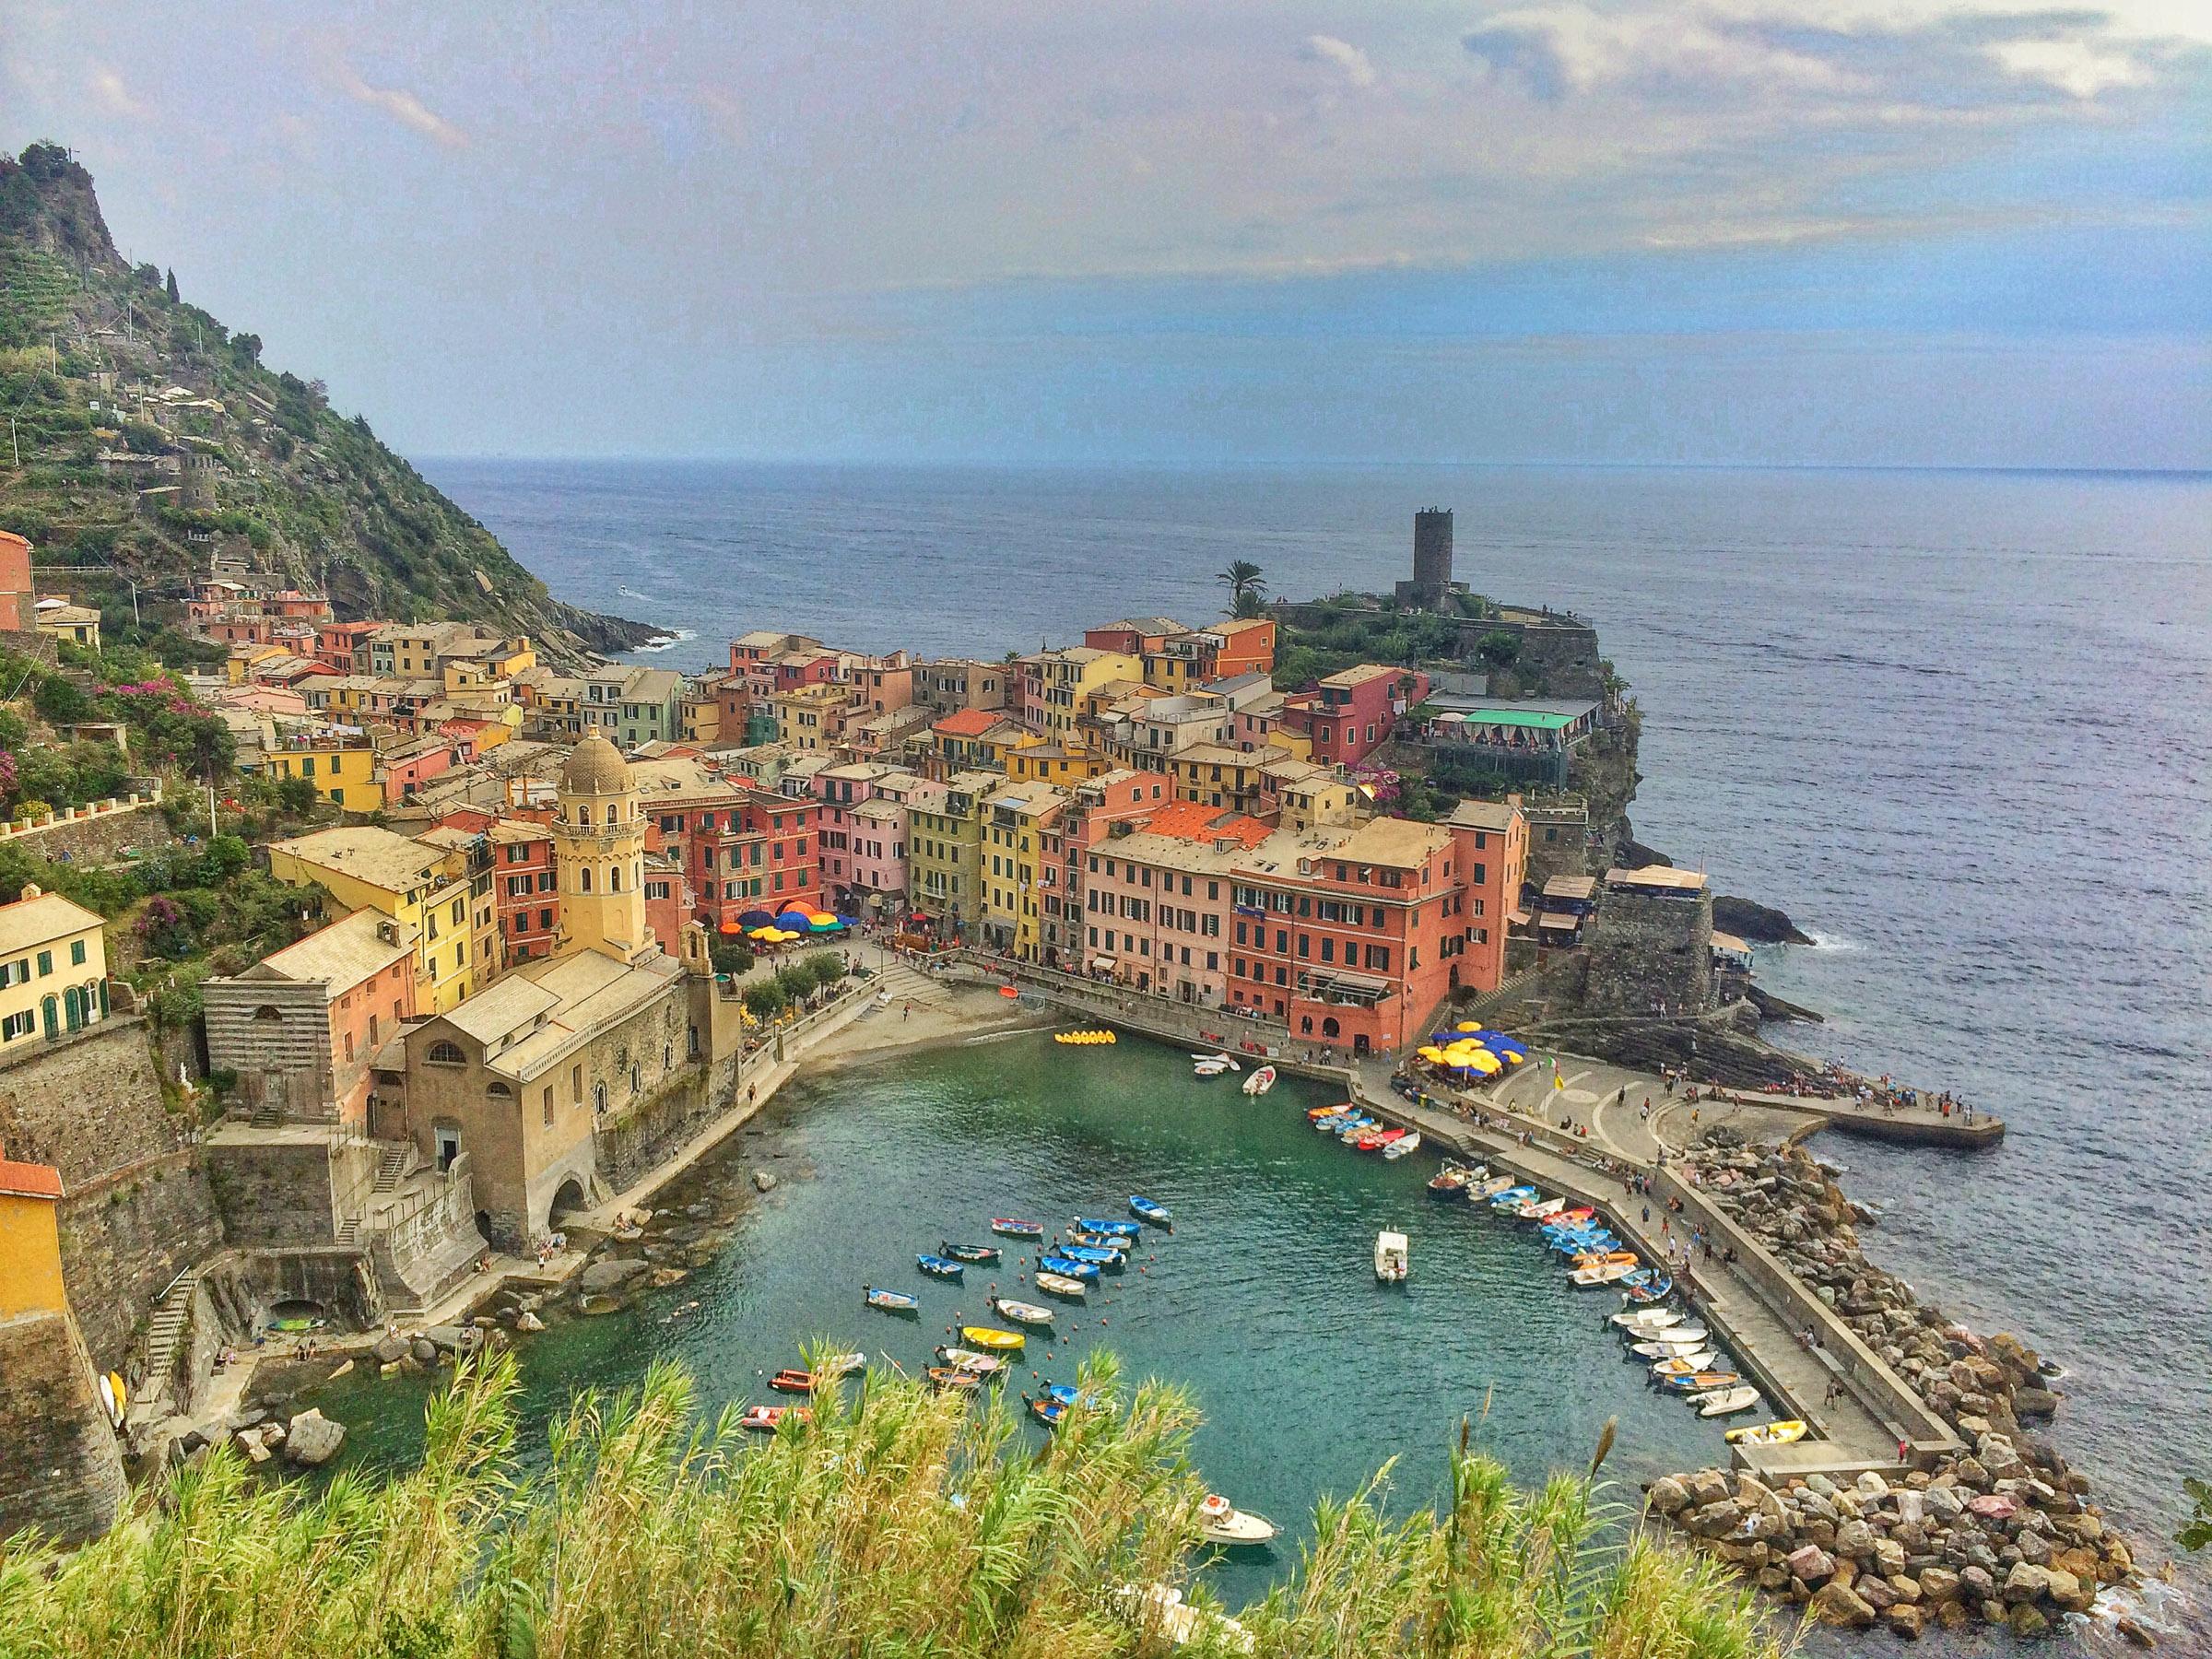 Animals, Bichon Frise, Dog, Europe, Italy, Pet, Travel, Tuscany, Wildlife, Yuki, smugmug, yukes